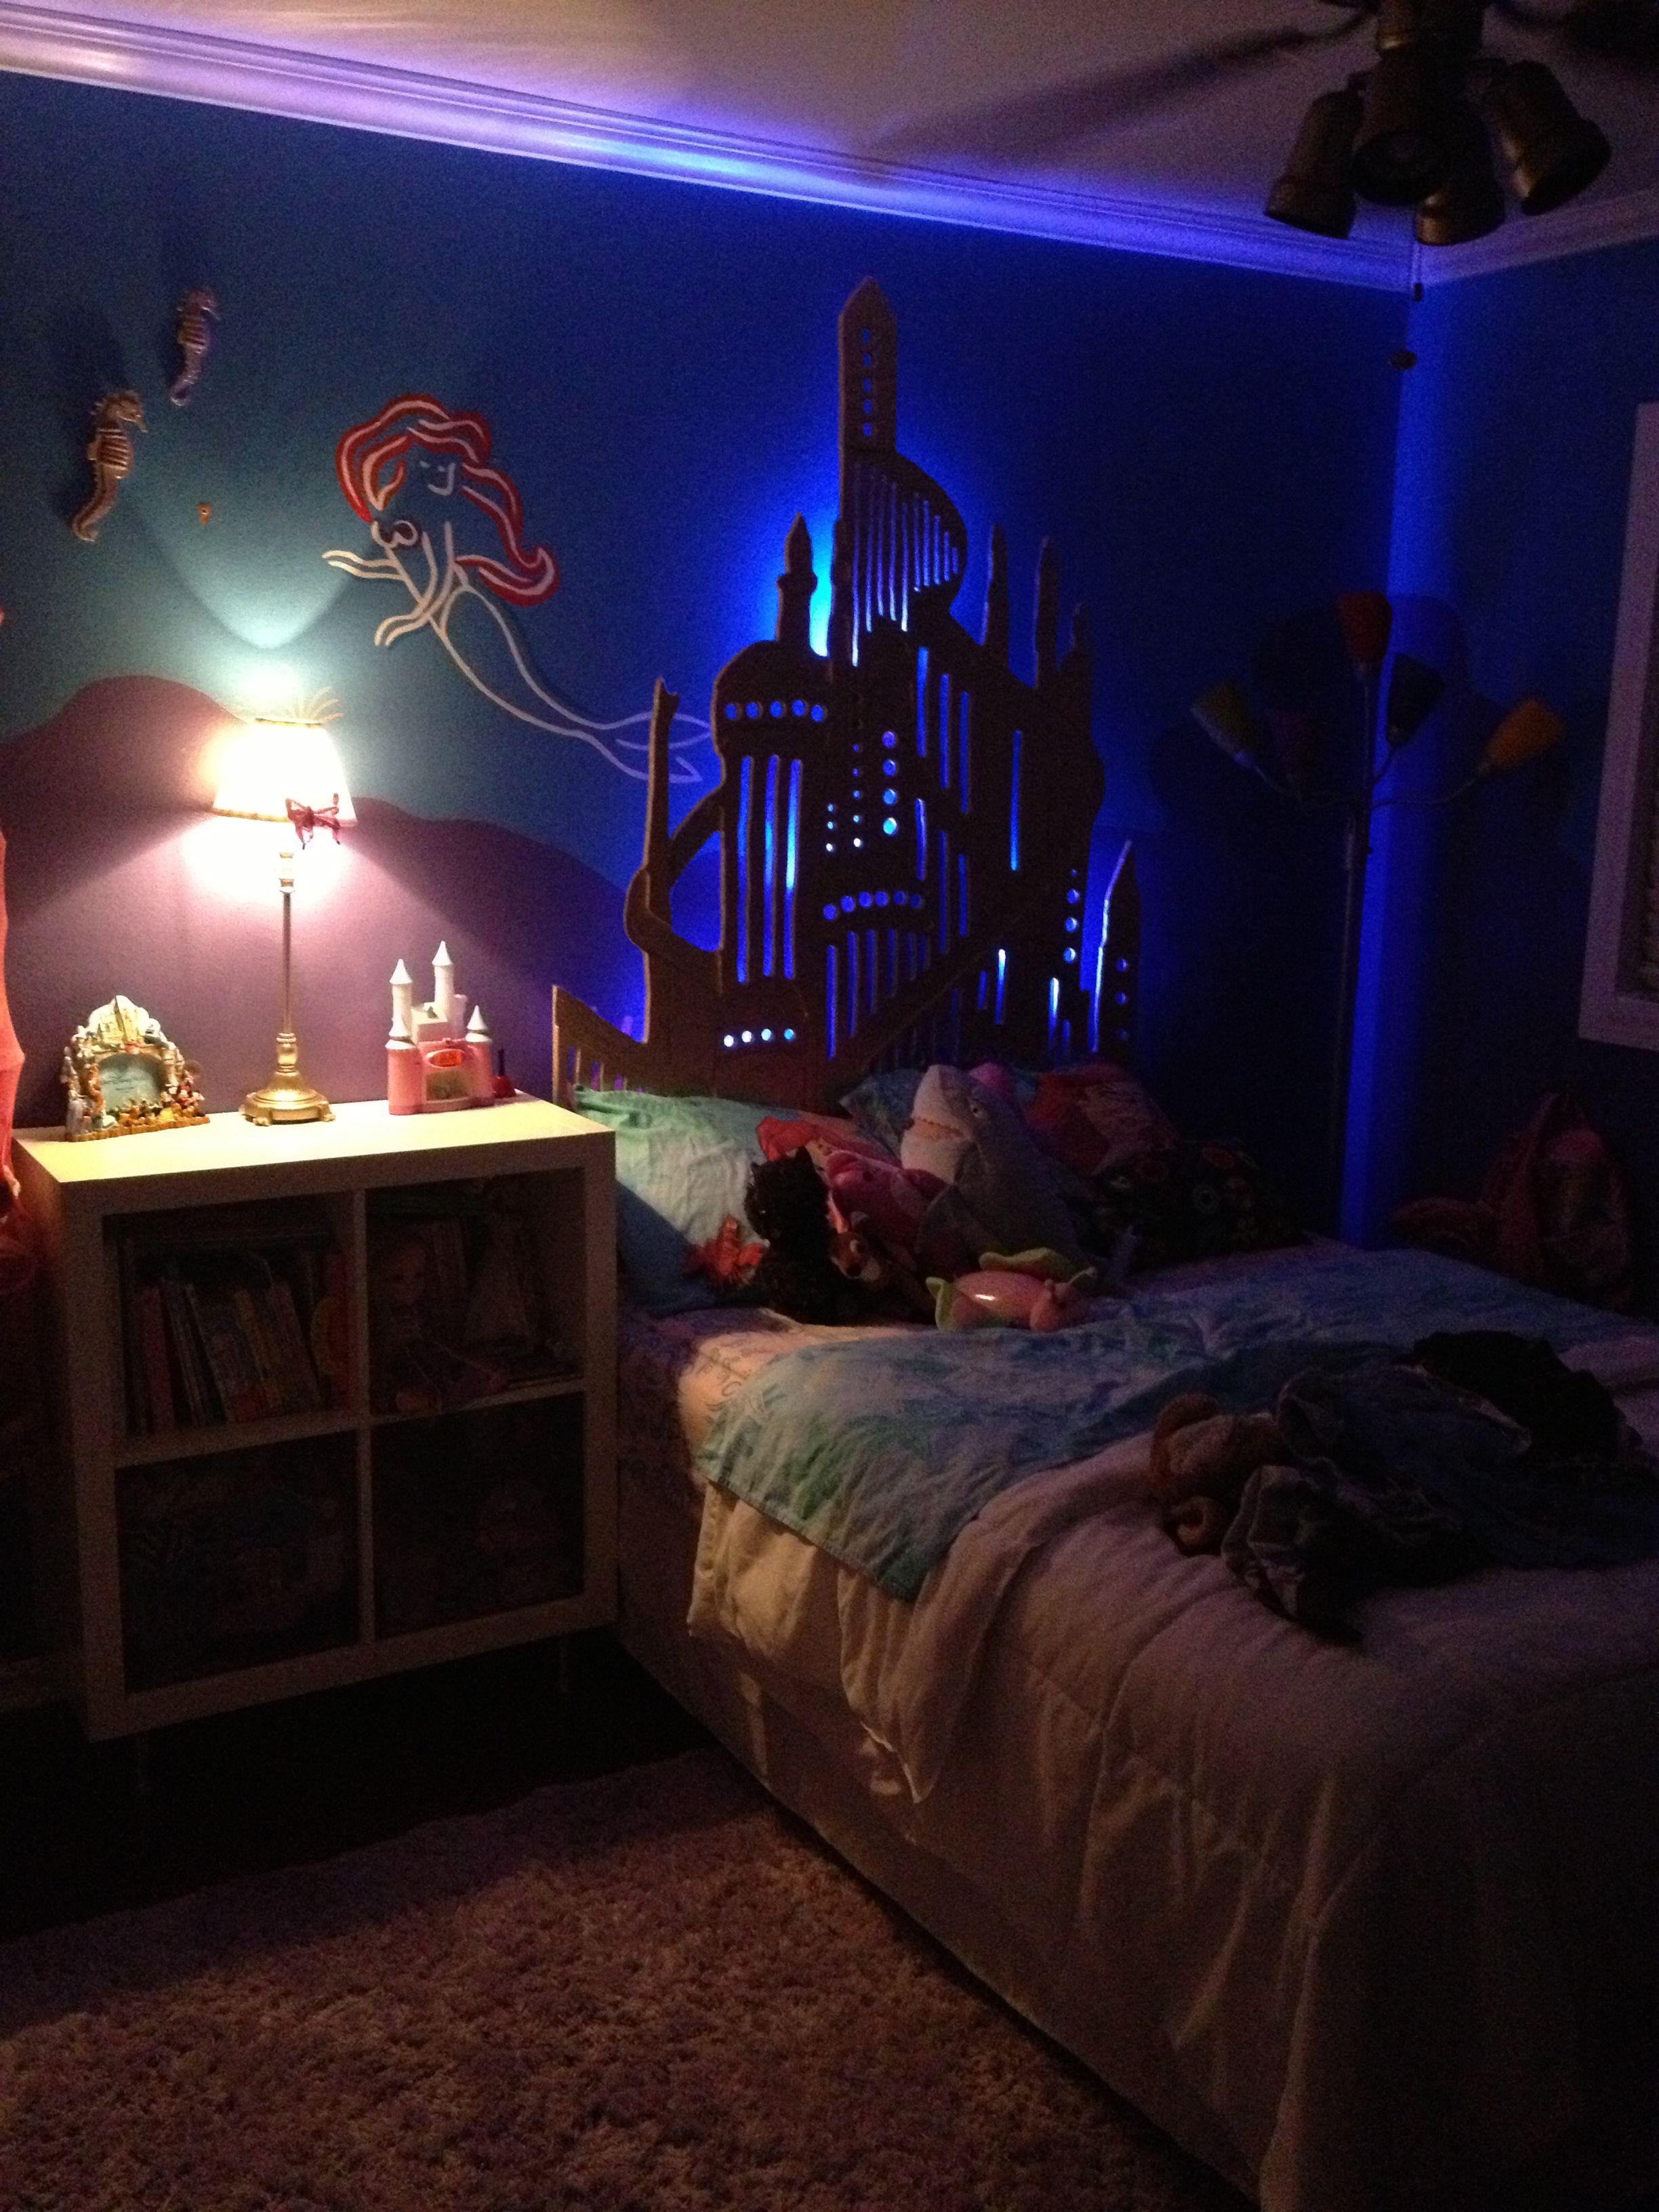 Little Mermaid Bedroom By Cmv